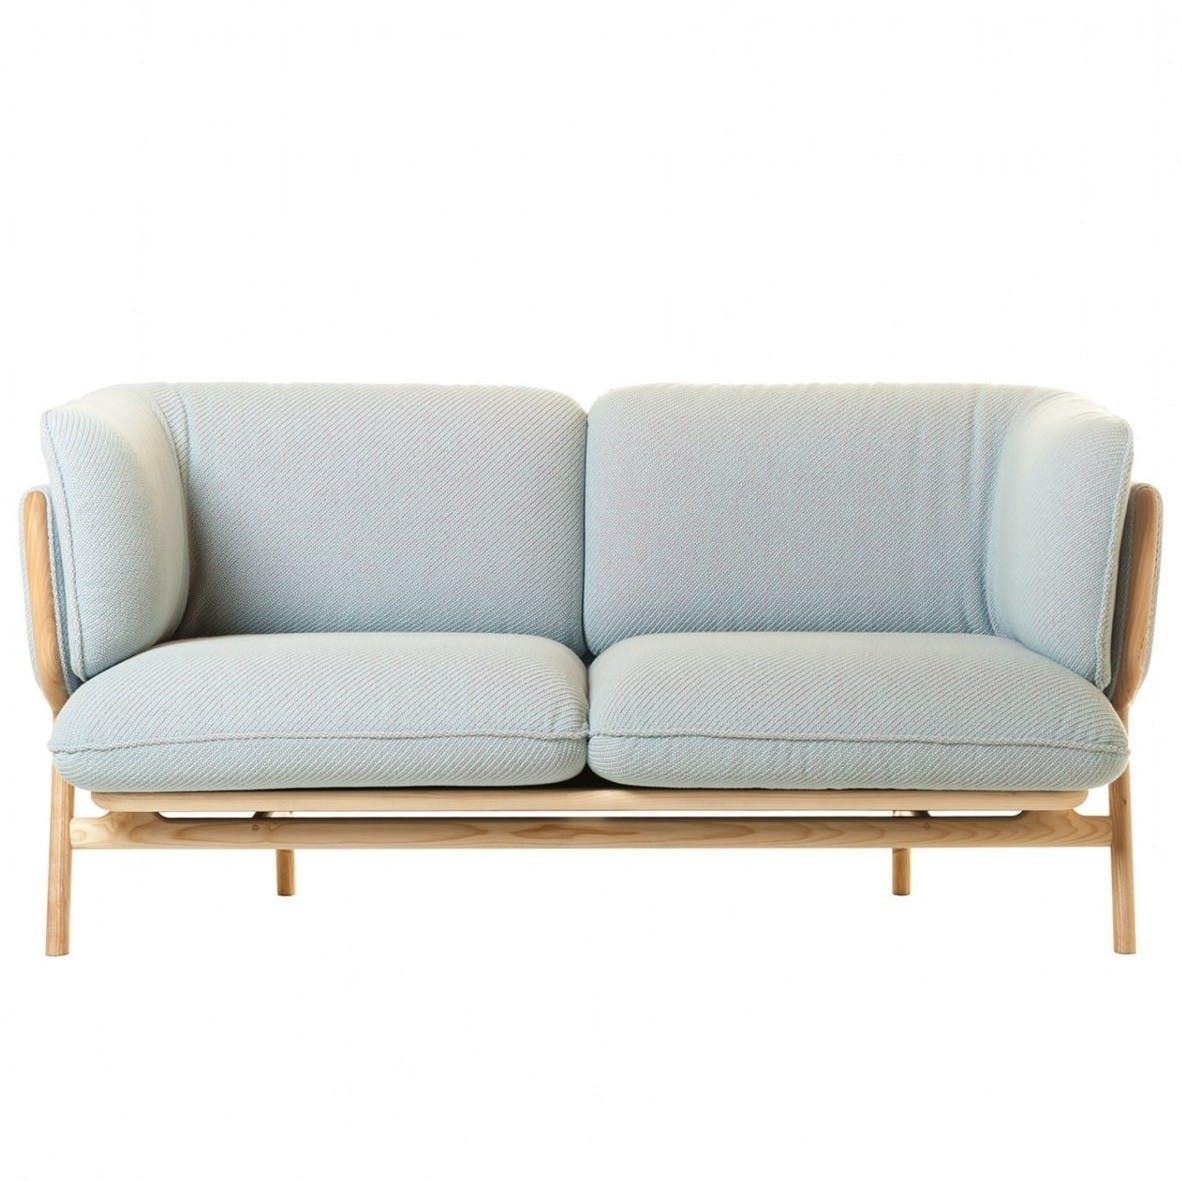 De La Espada Nichetto Stanley Sofa 2 Seater Blue Haute Living